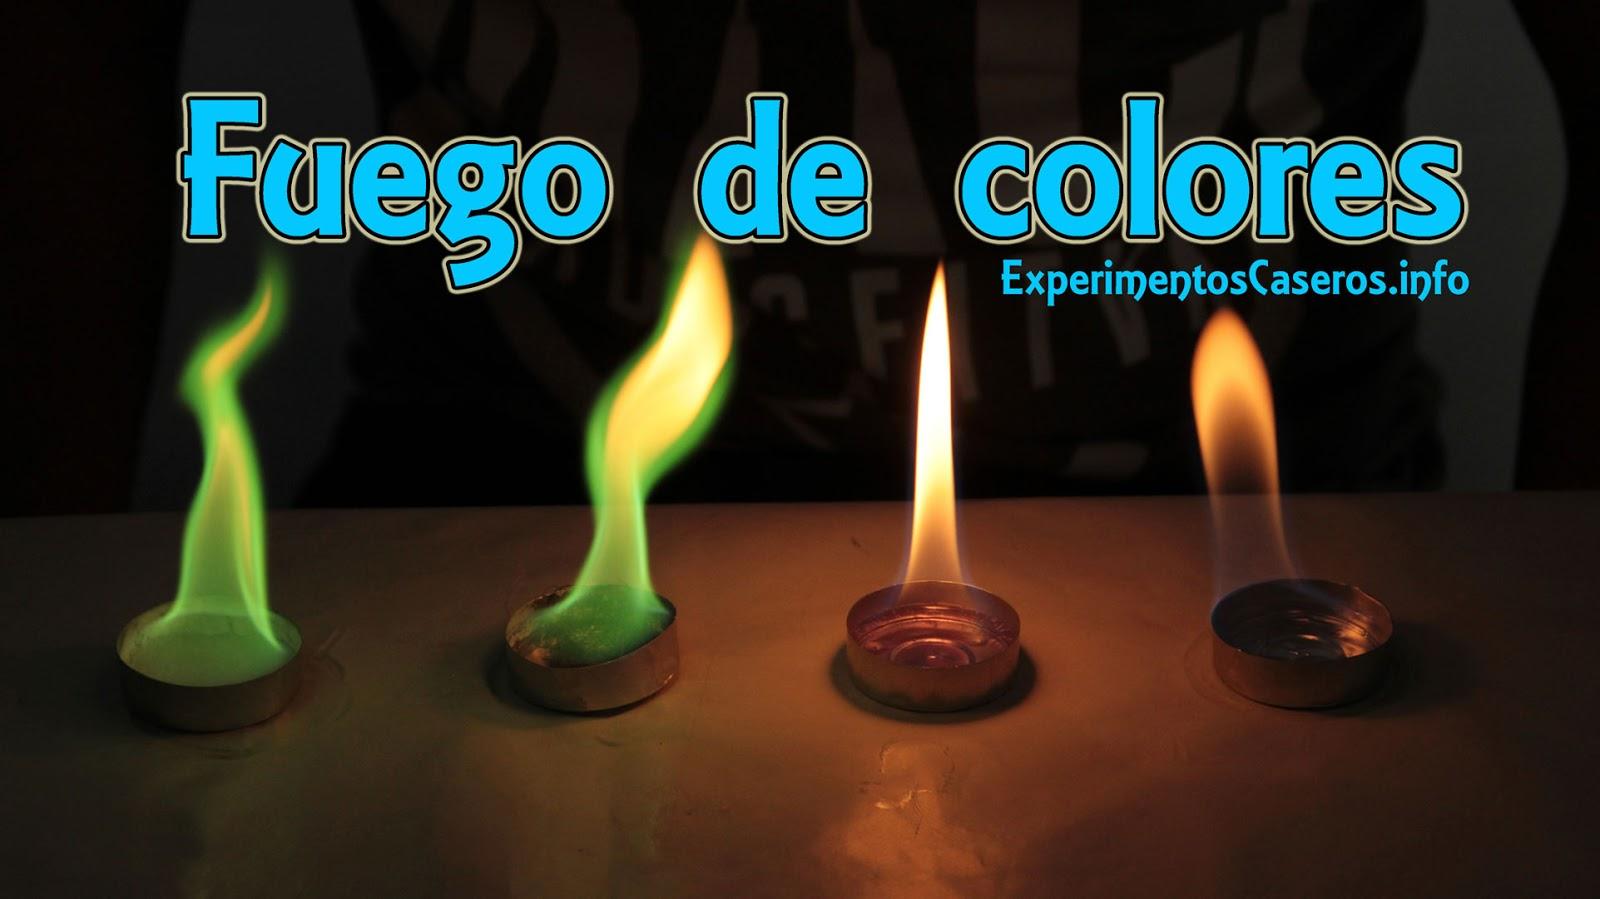 95ba391a4fa Experimentos caseros  Cómo hacer fuego de colores